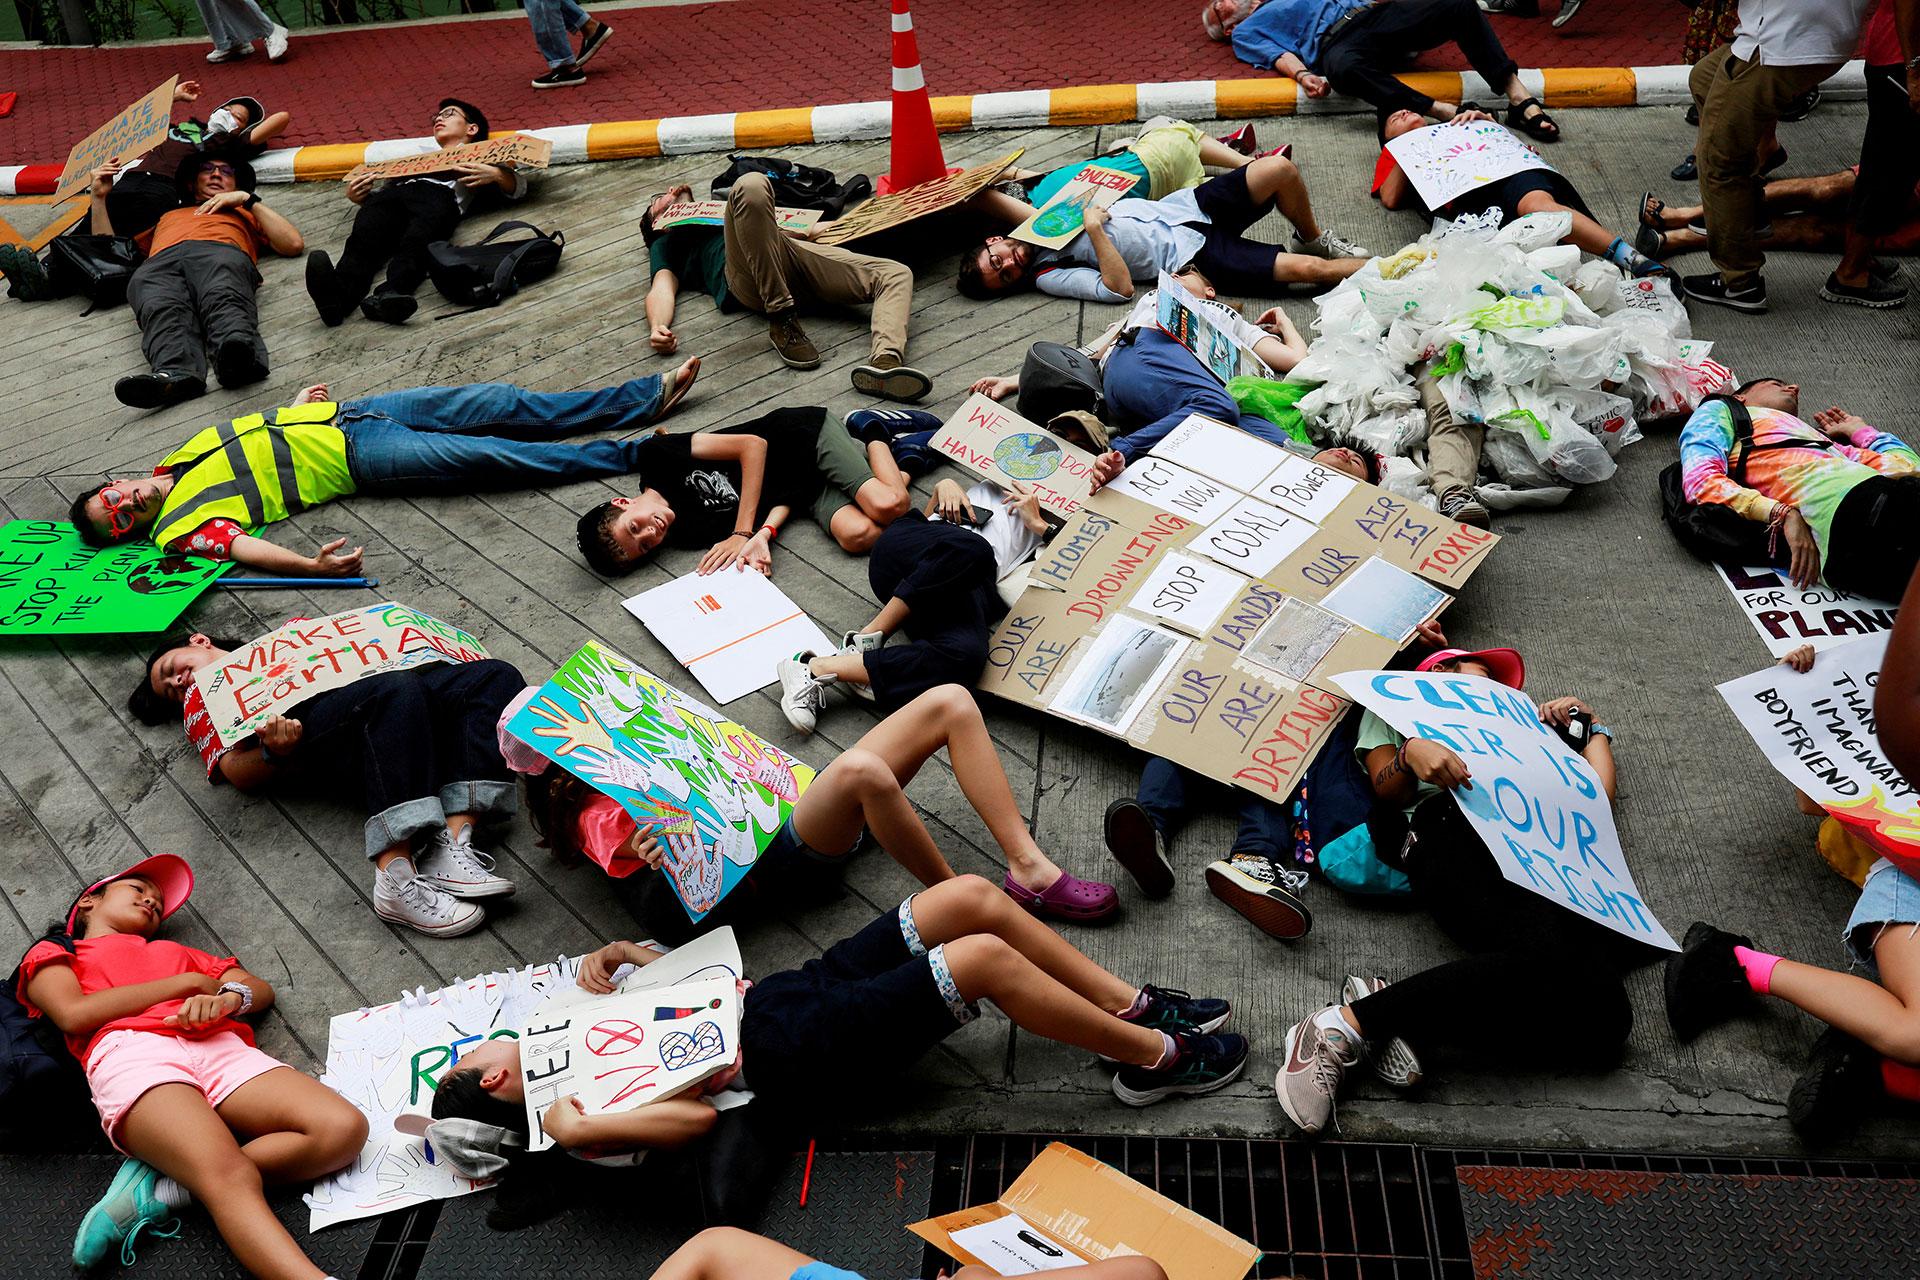 Jóvenes se hacen los muertos en la huelga climática global cerca de la oficina del Ministerio de Recursos Naturales y Medio Ambiente en Bangkok, Tailandia (REUTERS/Soe Zeya Tun)